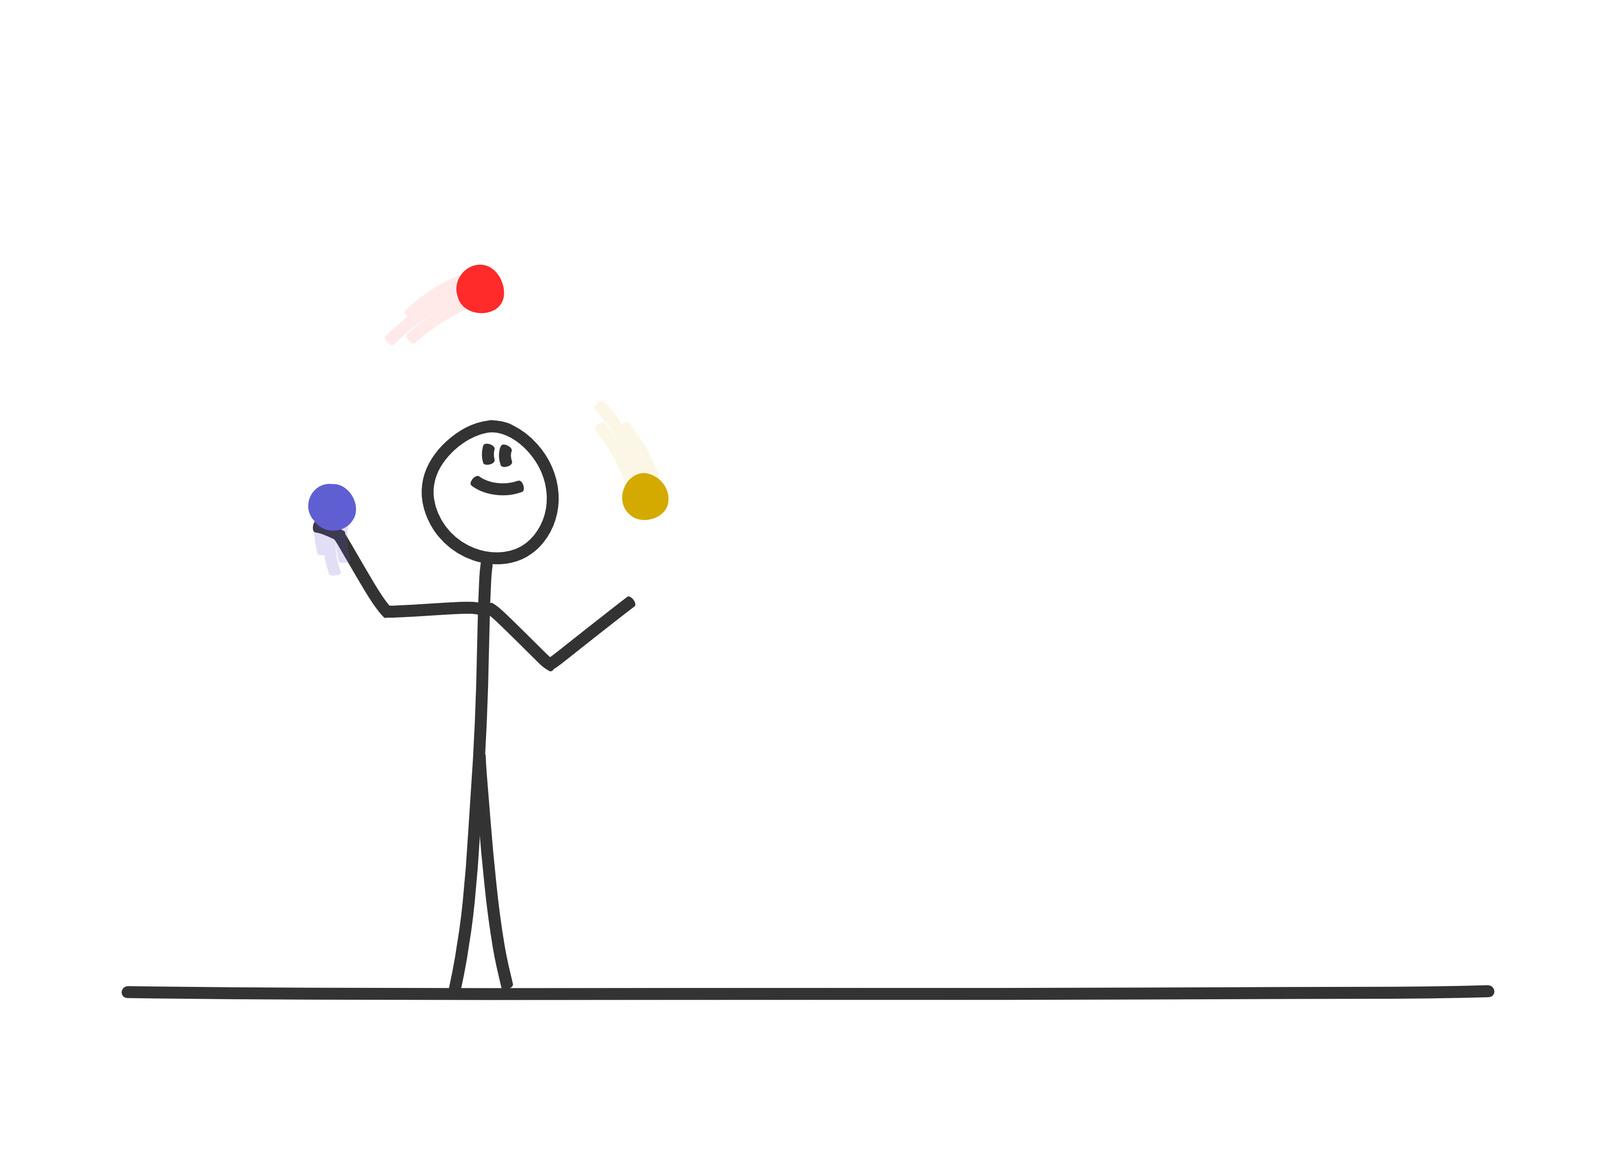 sm jongleur II